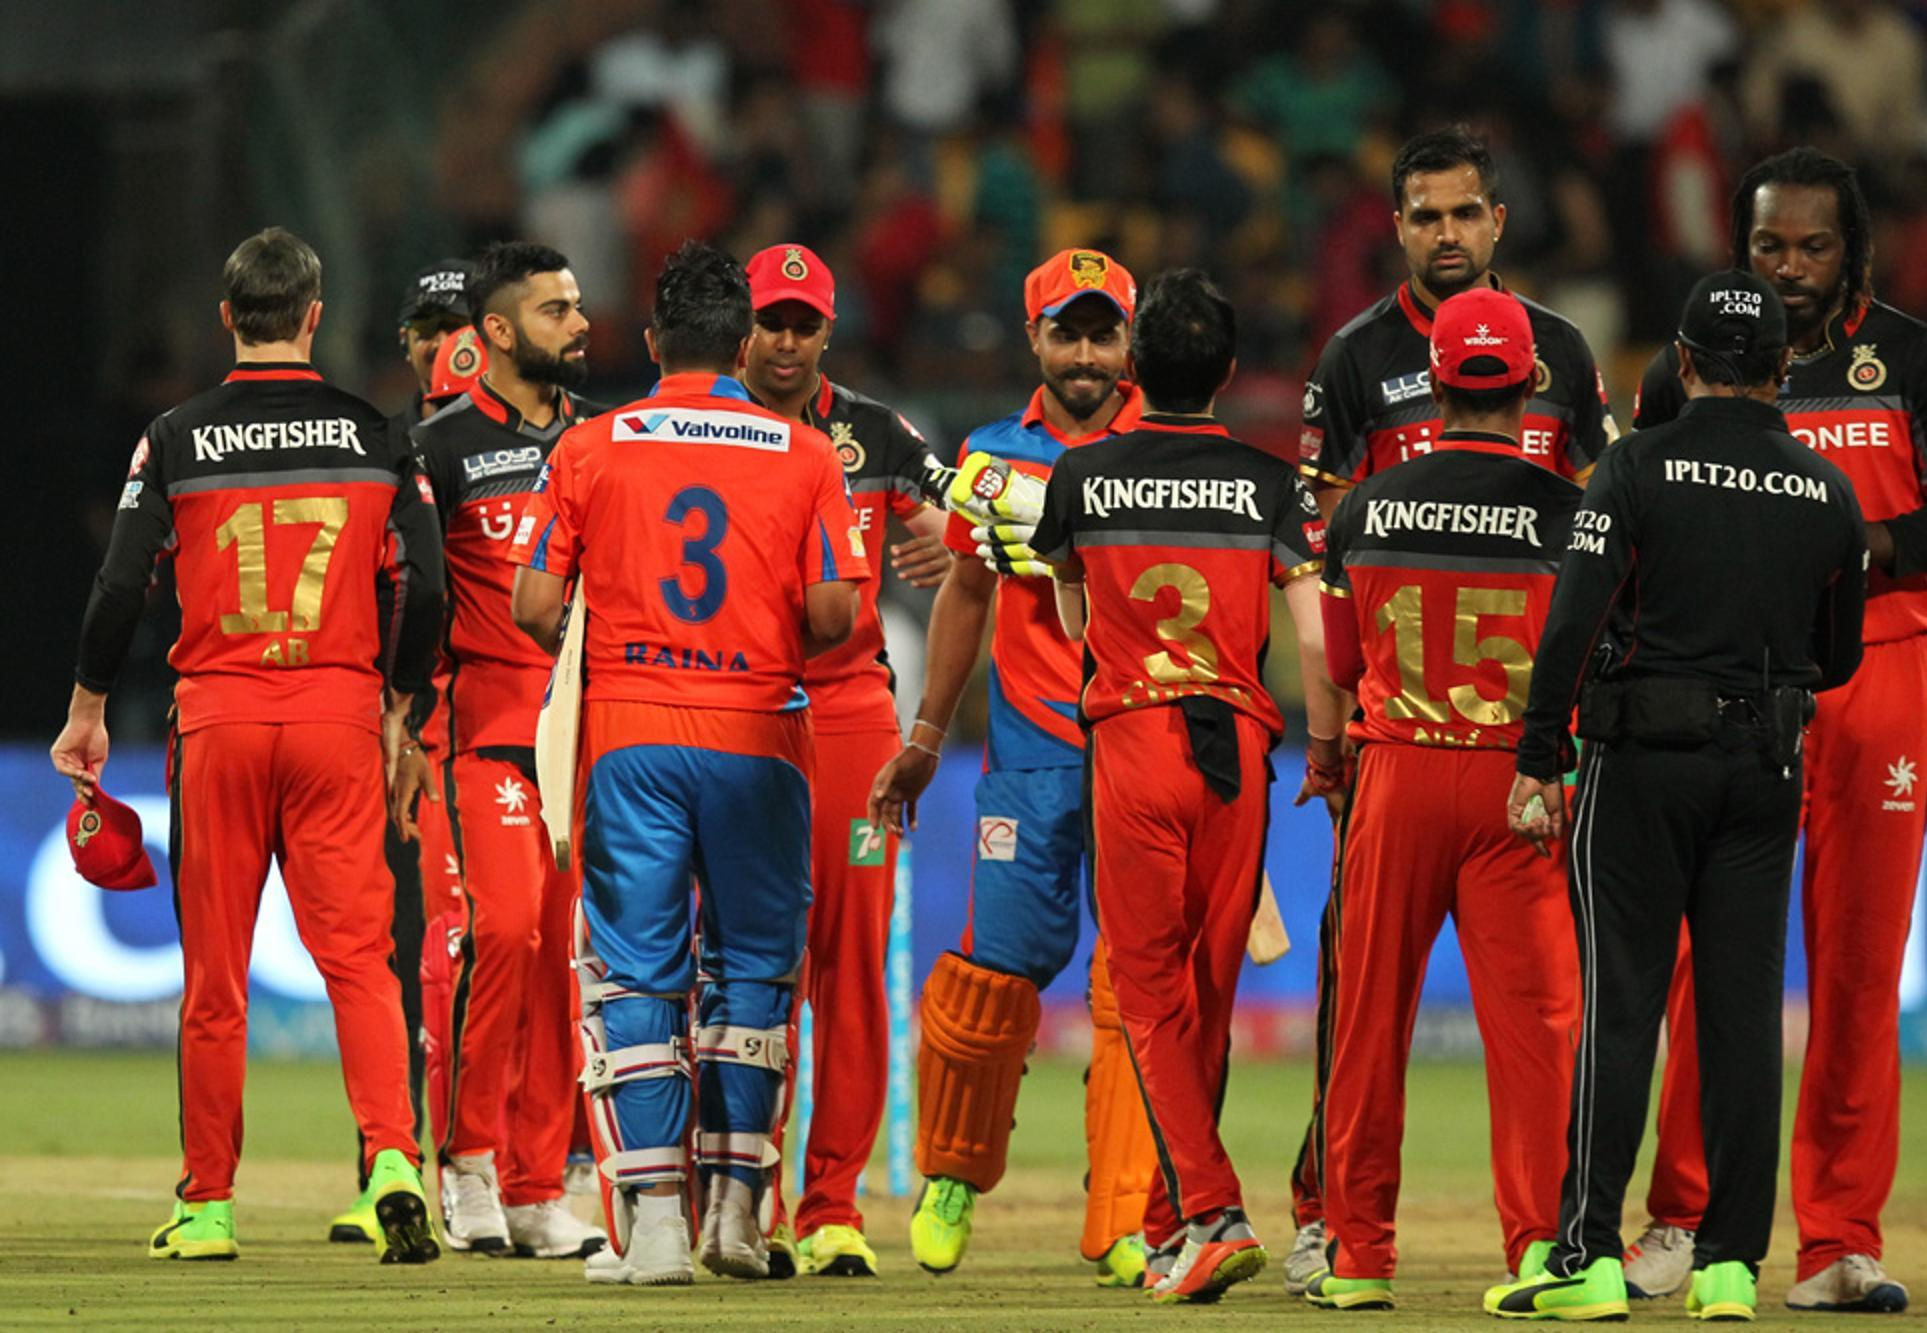 लगातार हार से परेशान बैंगलोर की टीम ने की अंतिम 11 की घोषणा, आधी टीम को दिखाया बाहर का रास्ता 14